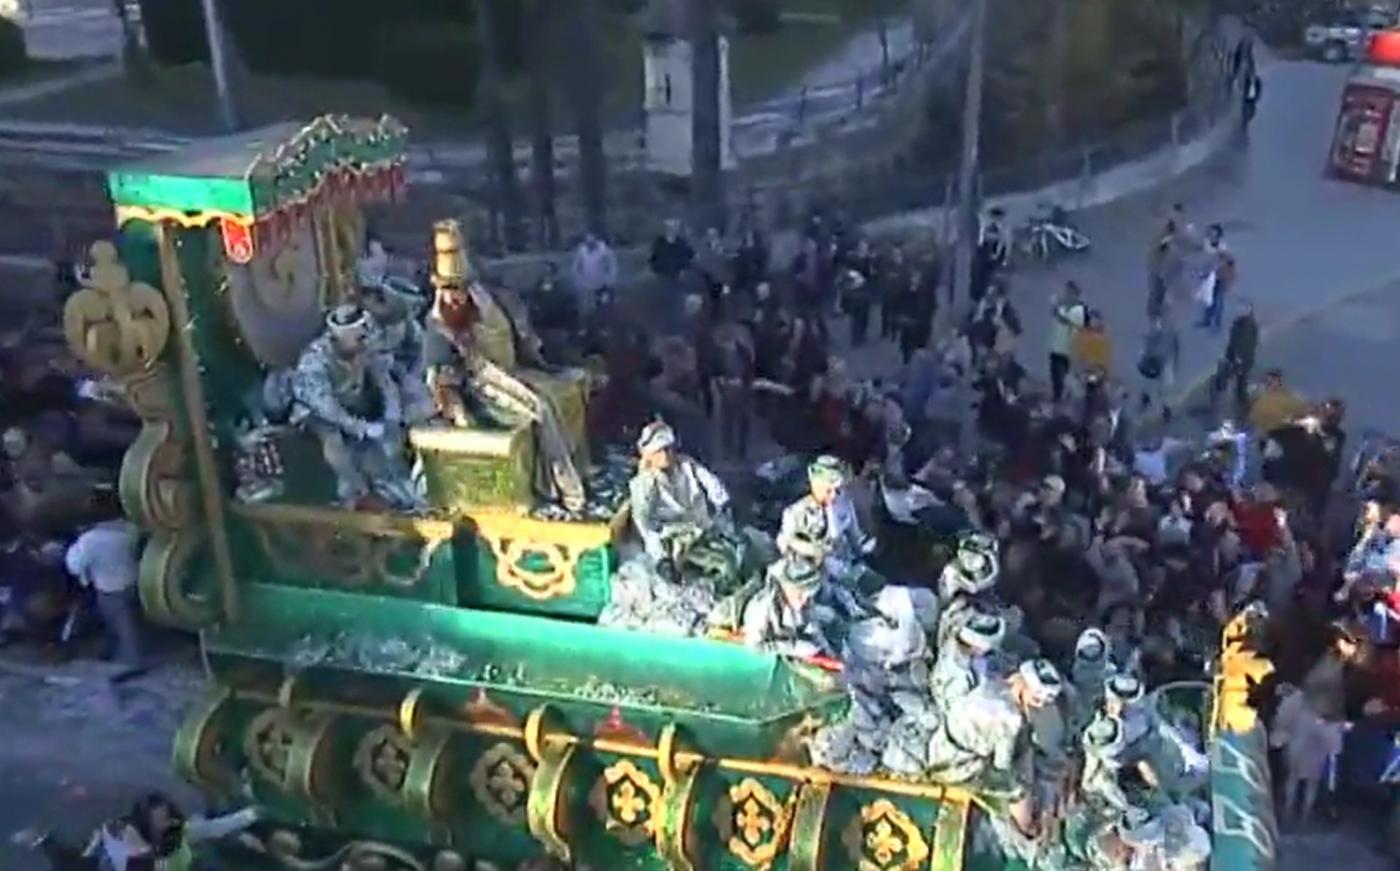 Vive la ilusión de la Cabalgata de los Reyes Magos de Sevilla con 7TV